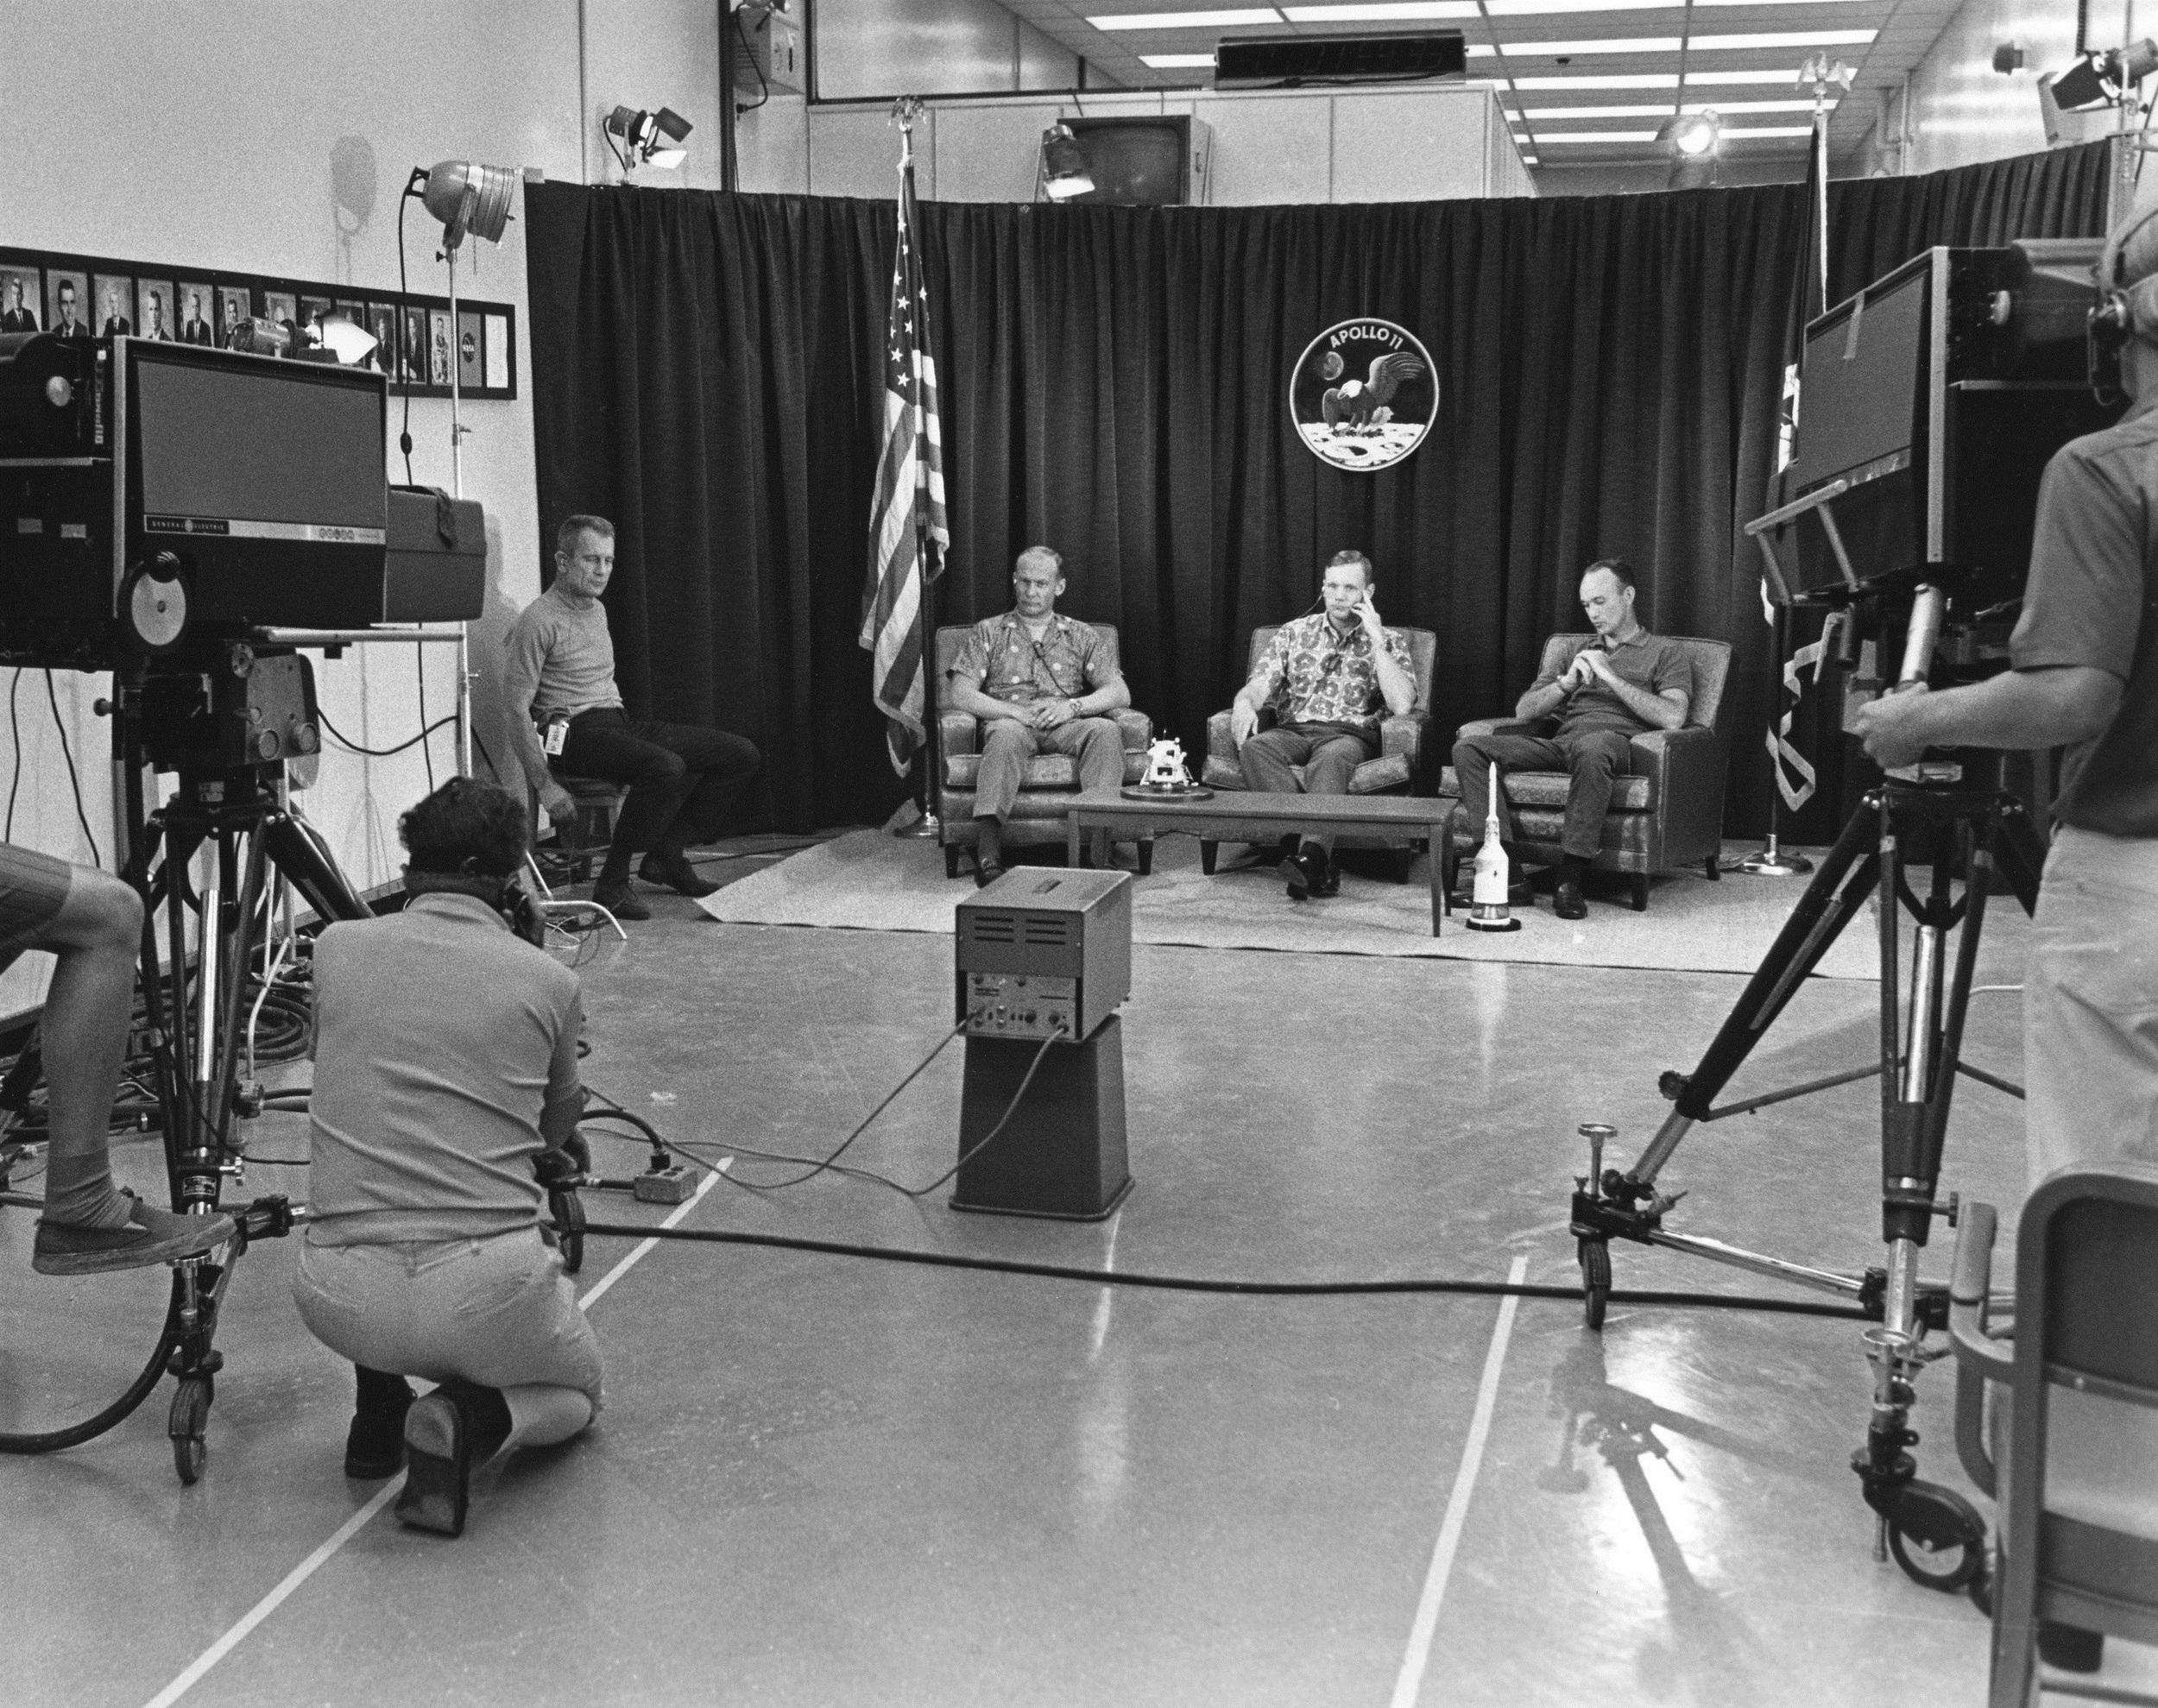 Apollo 11 press conference